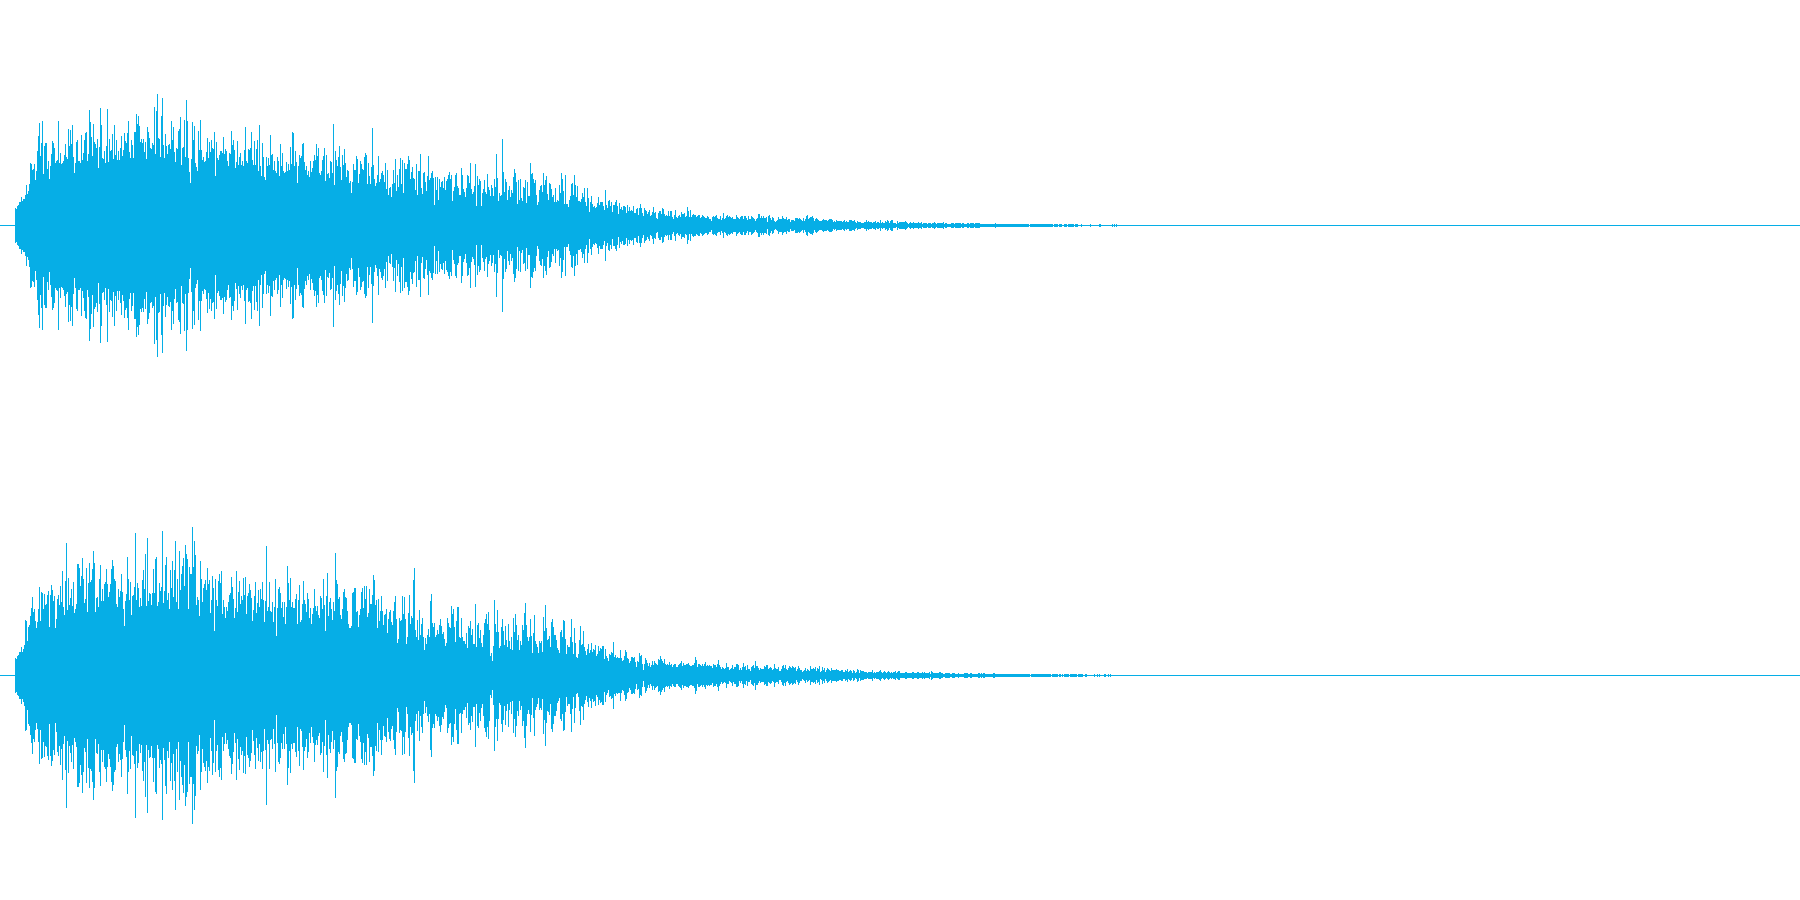 「ギュン!」レーザー発射7の再生済みの波形